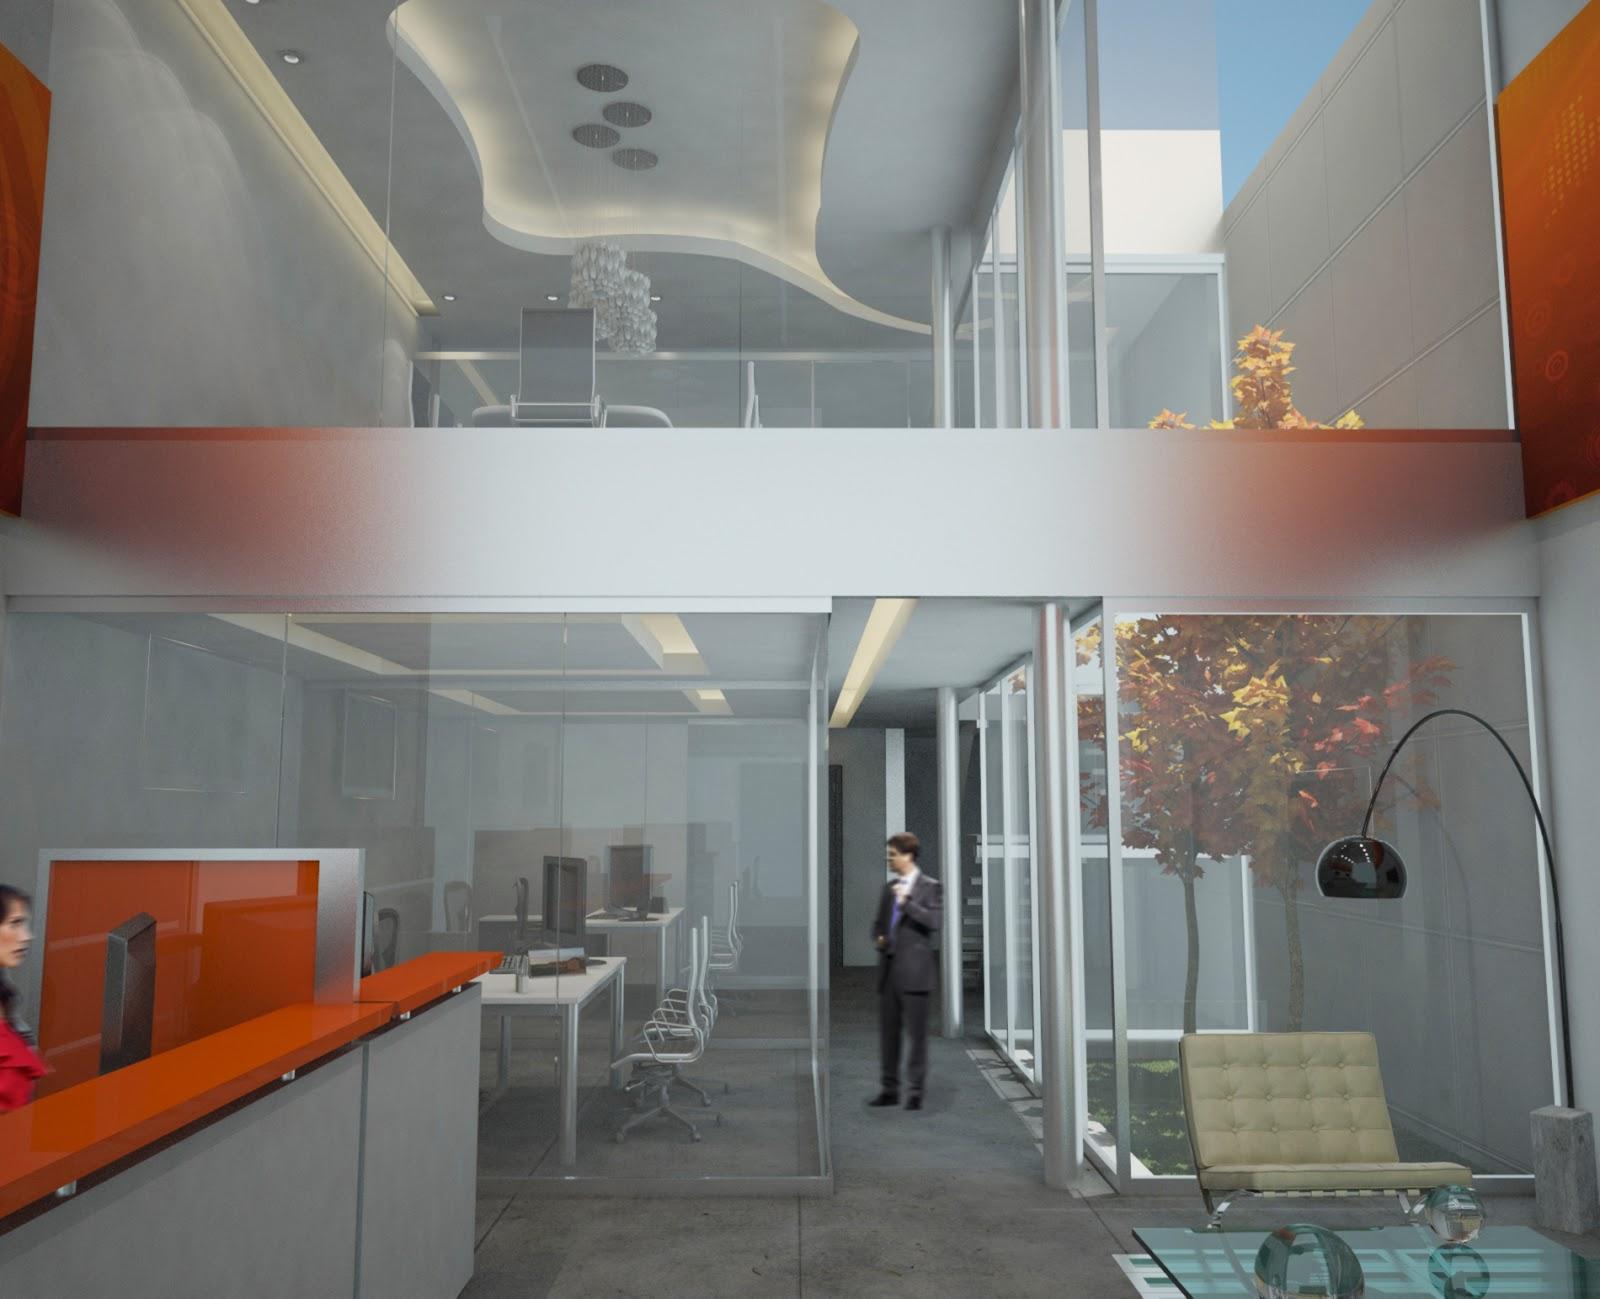 Oficinas comerciales ultimate renders for Oficinas comerciales